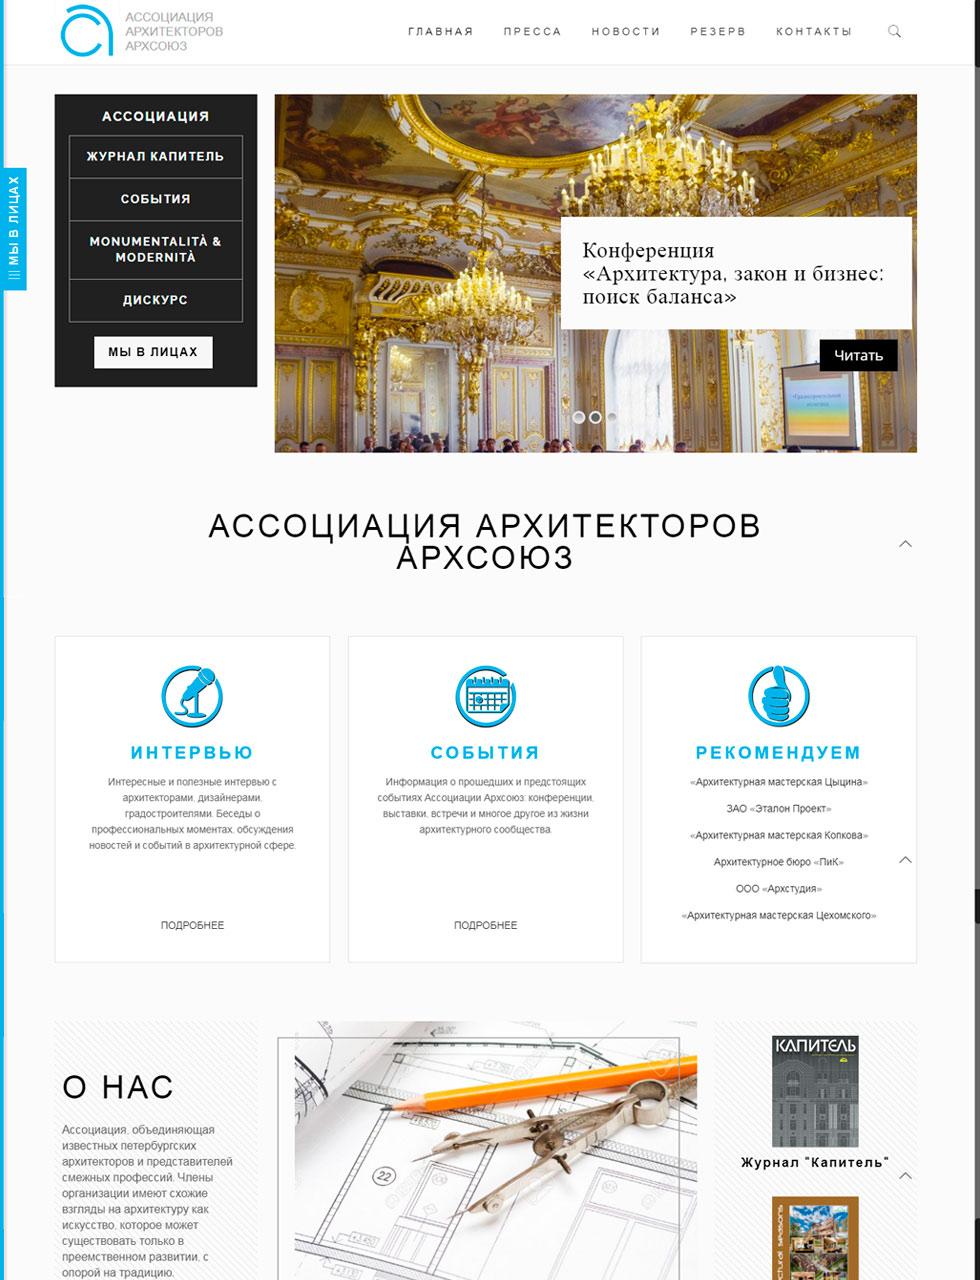 Поисковое продвижение сайтов и контекстная реклама